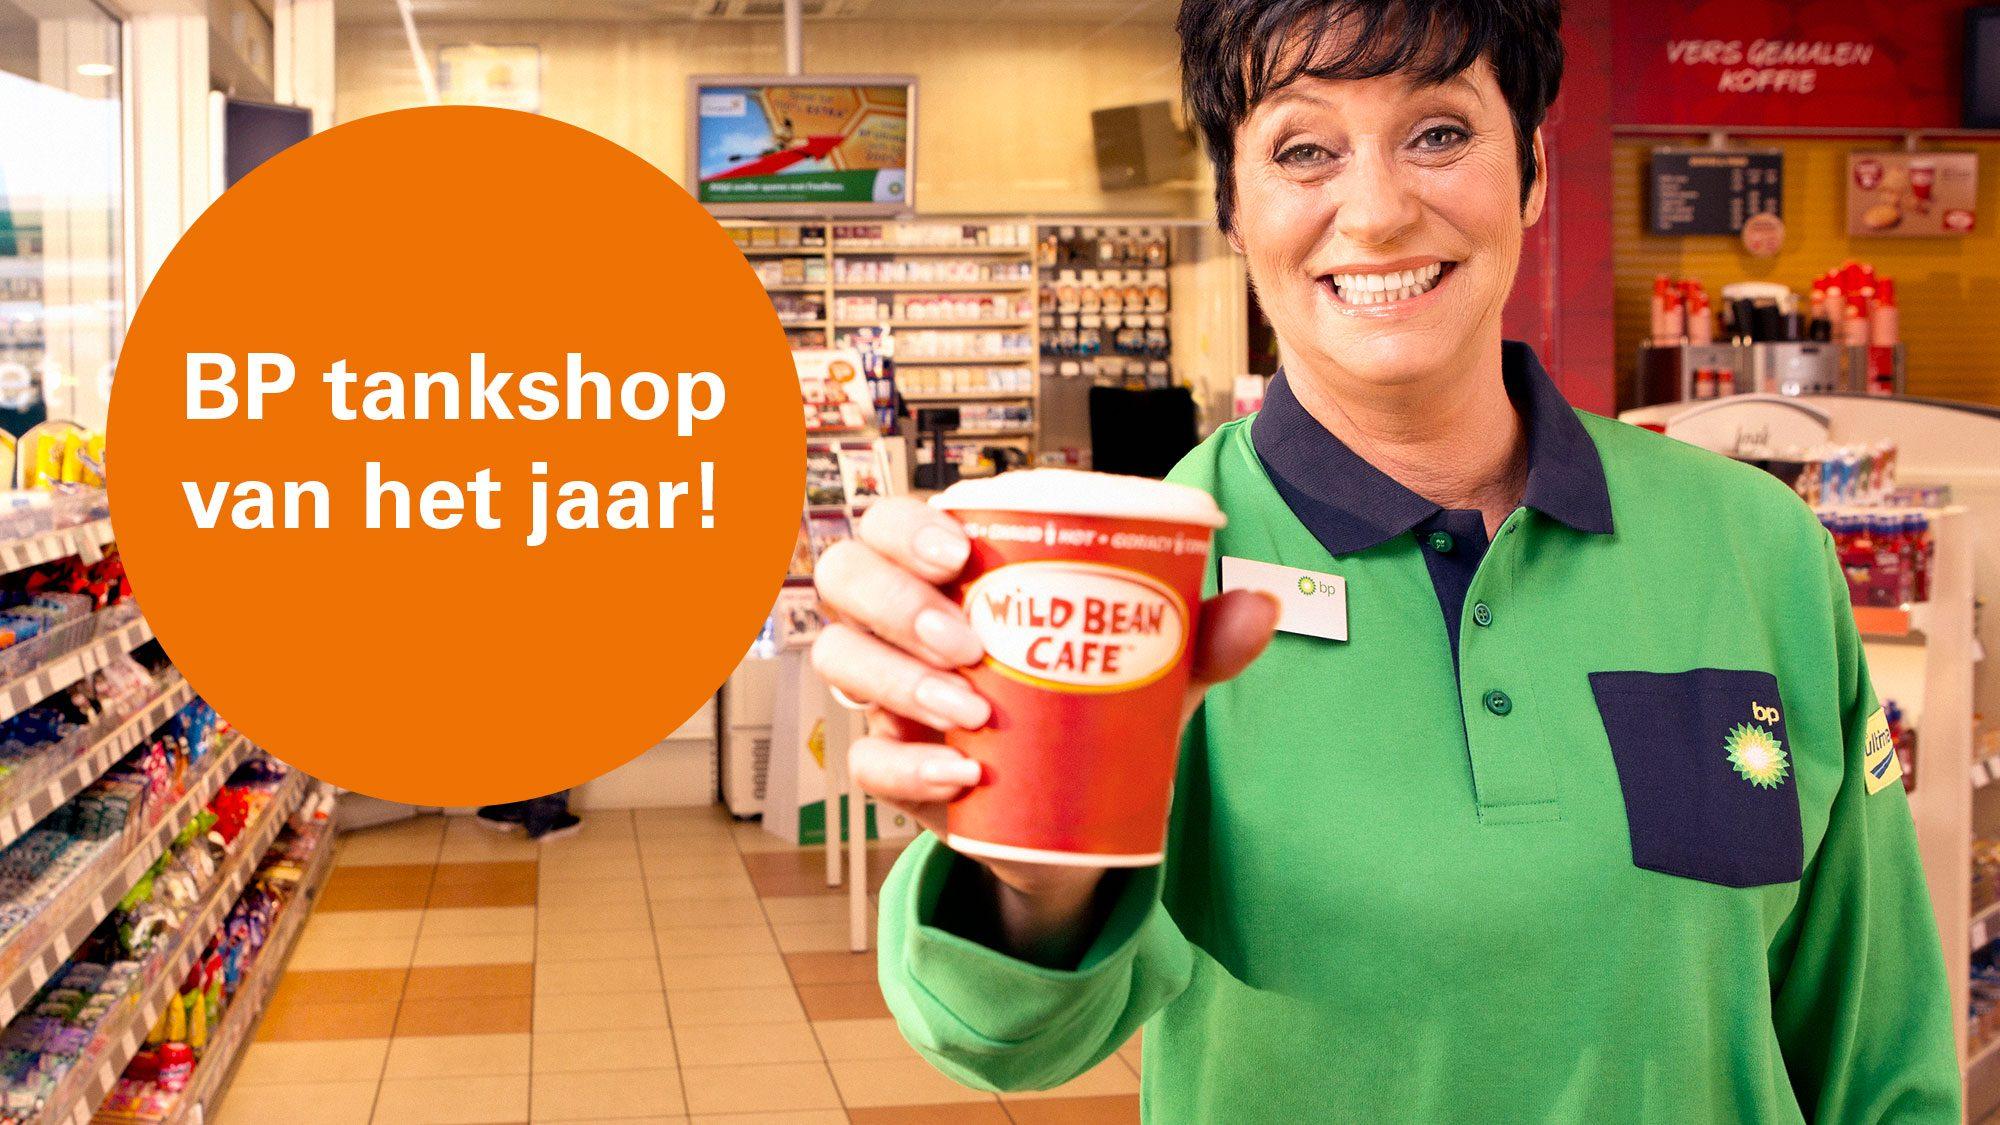 Gratis kopje koffie bij BP tankstations - Alleen vandaag